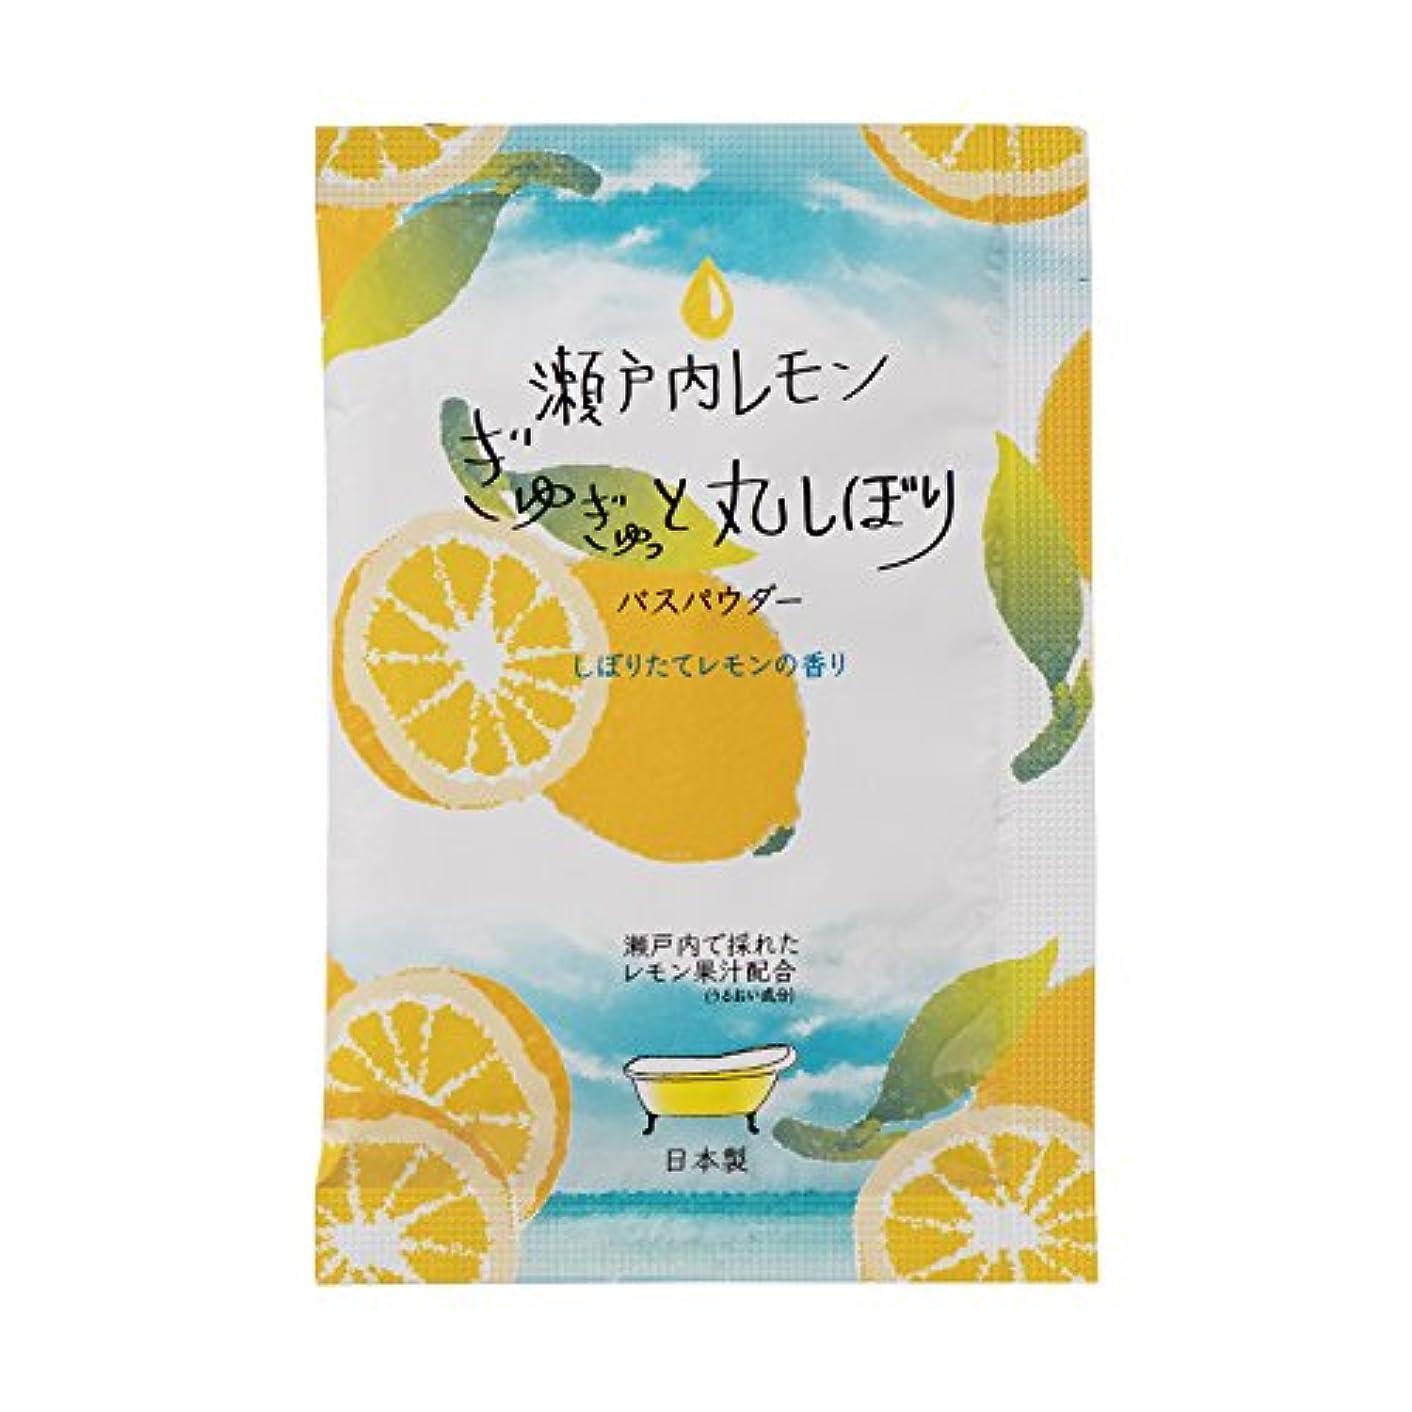 興味馬鹿に対応リッチバスパウダー(瀬戸内レモンの香り)× 40個